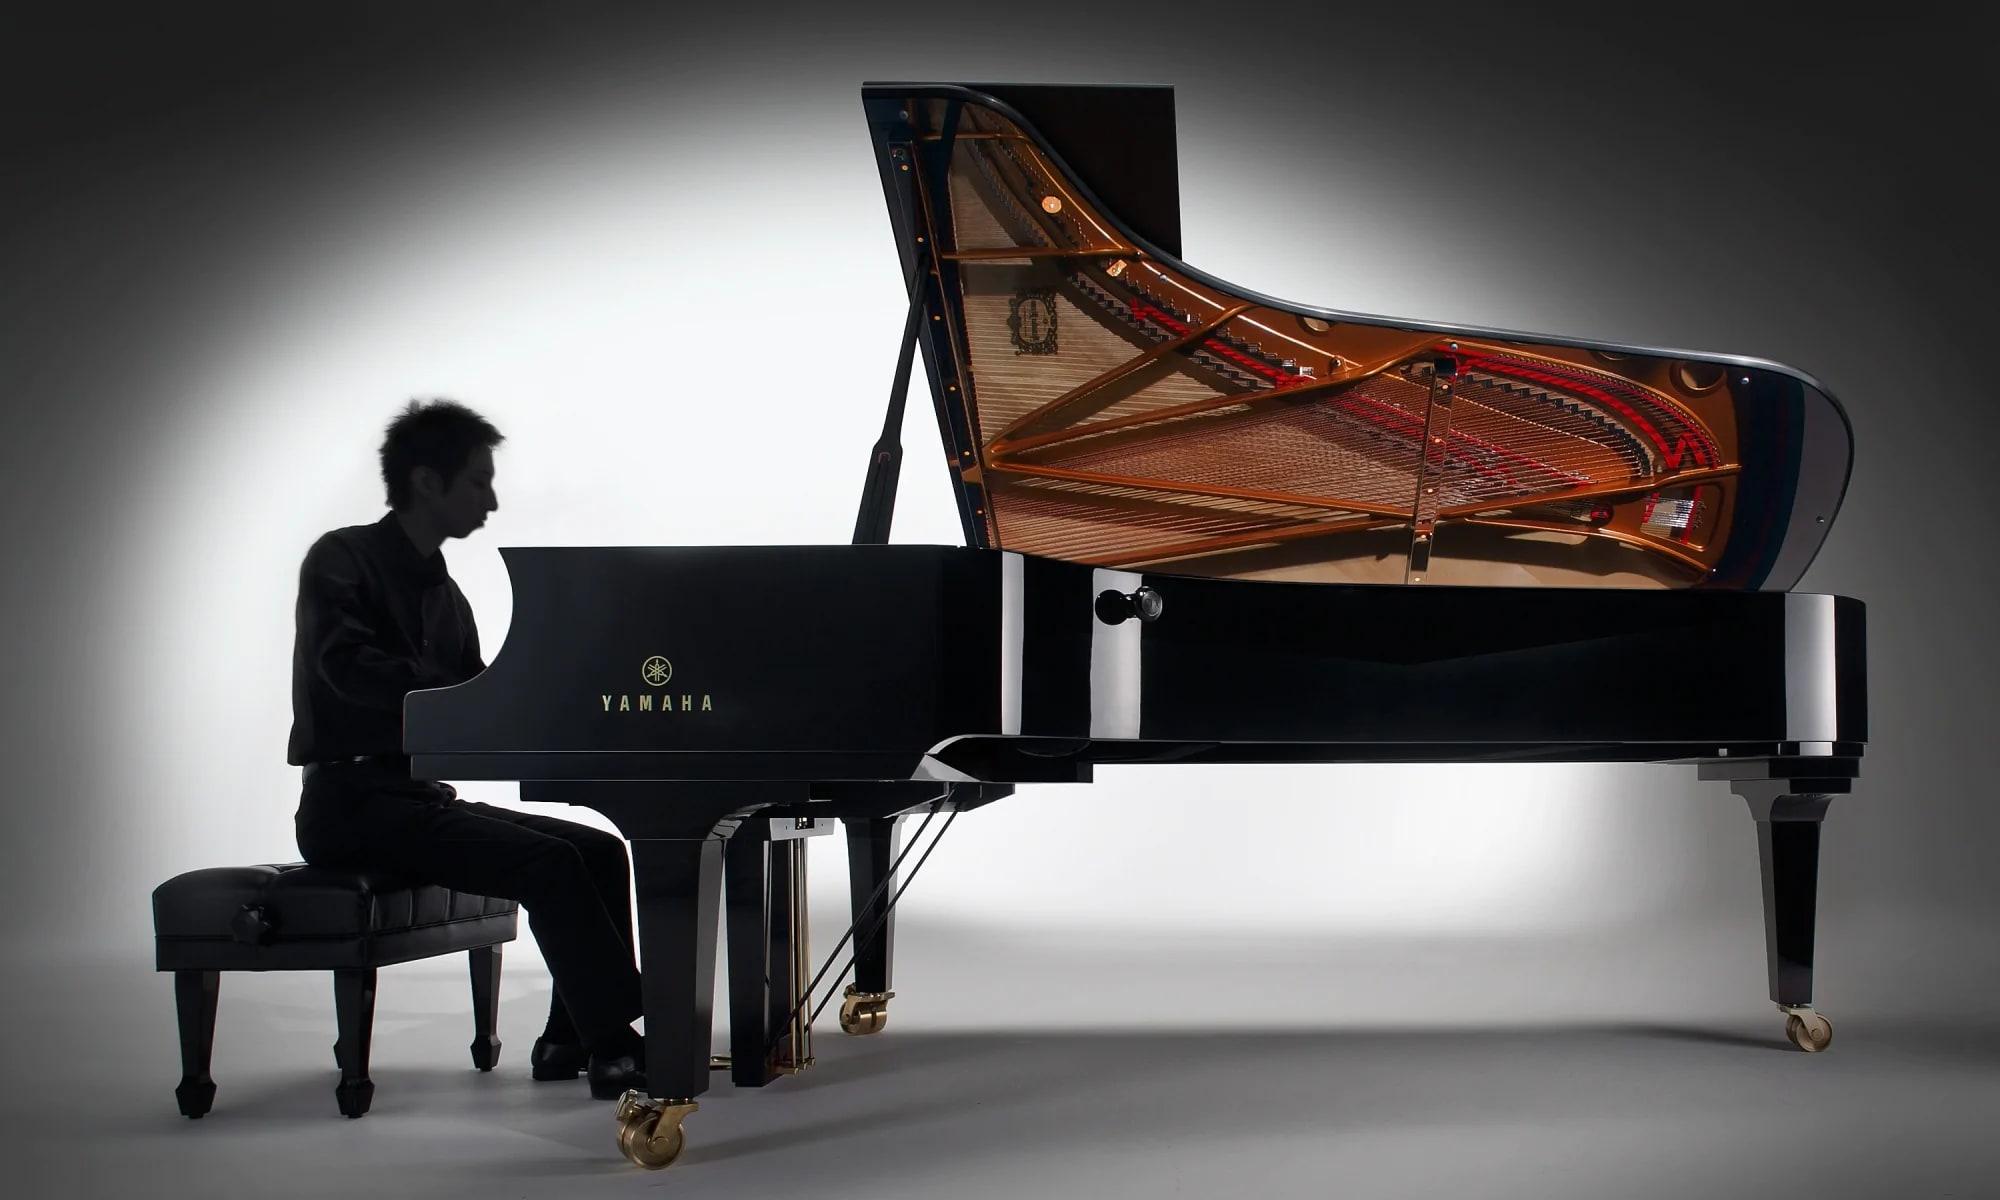 Những rũi ro khi mua piano cũ bạn cần biết